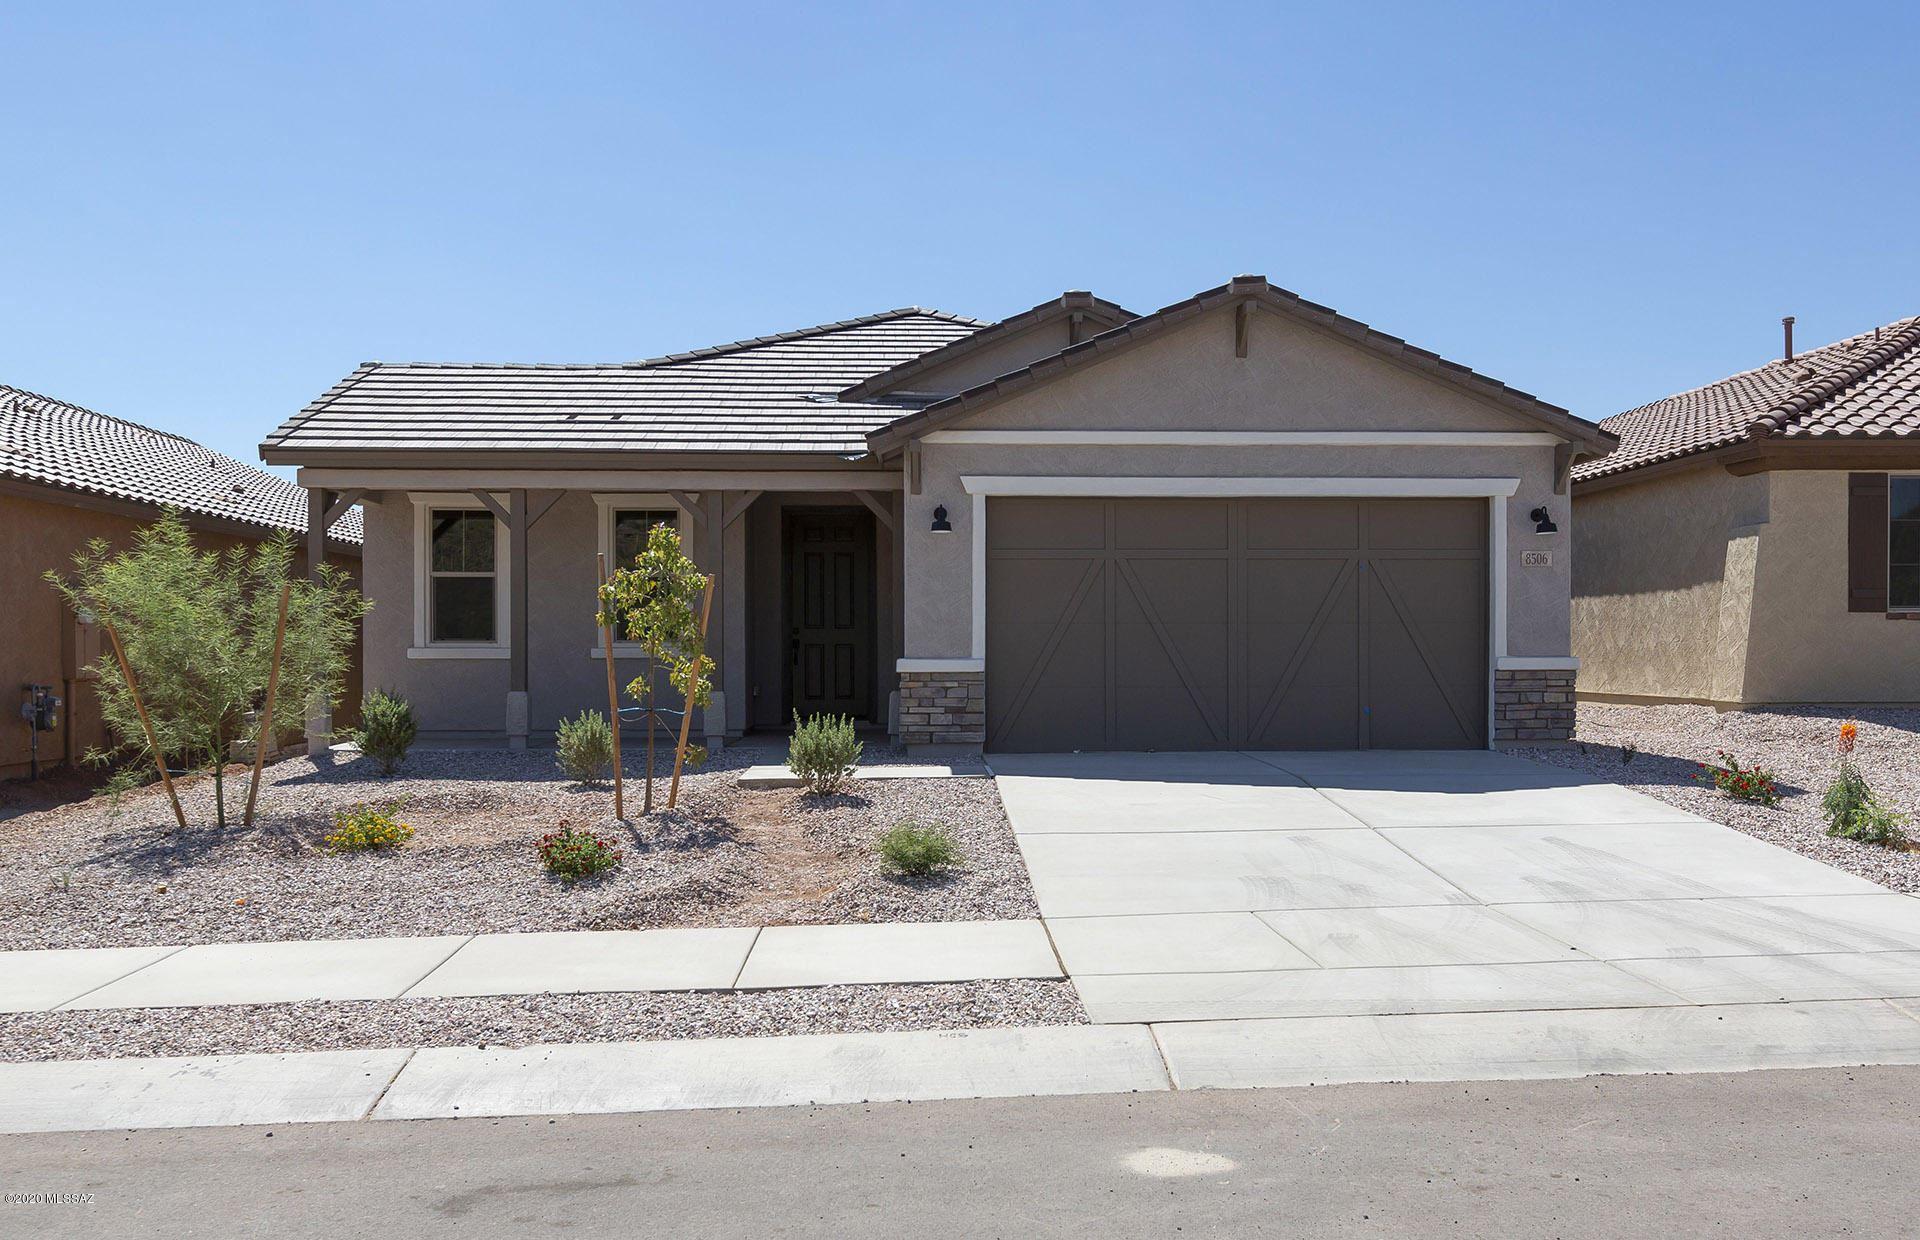 8506 N Lone Ranger Road, Tucson, AZ 85743 - #: 22017284